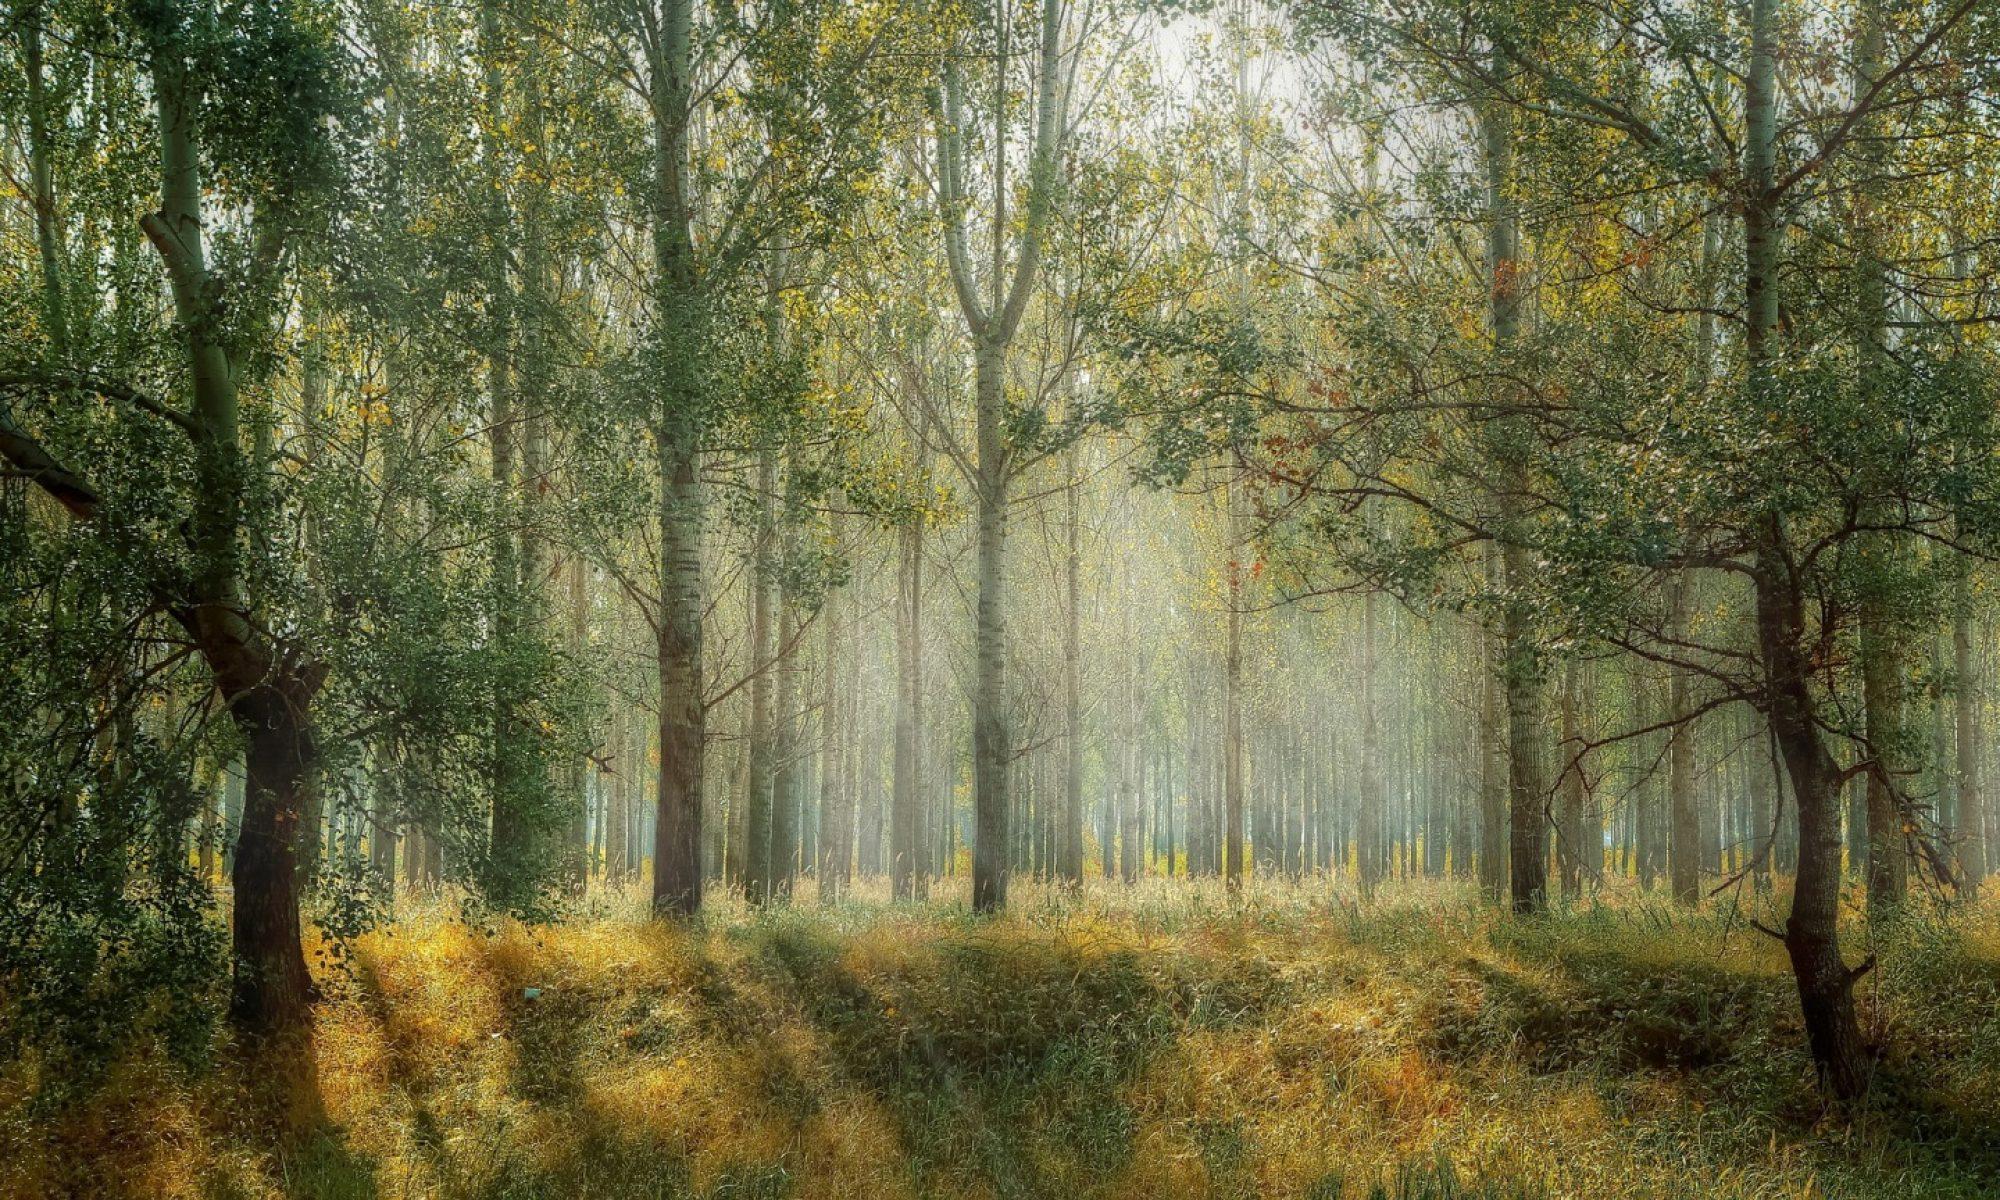 Hutan Indonesia sebagai Solusi Masa Depan Dunia